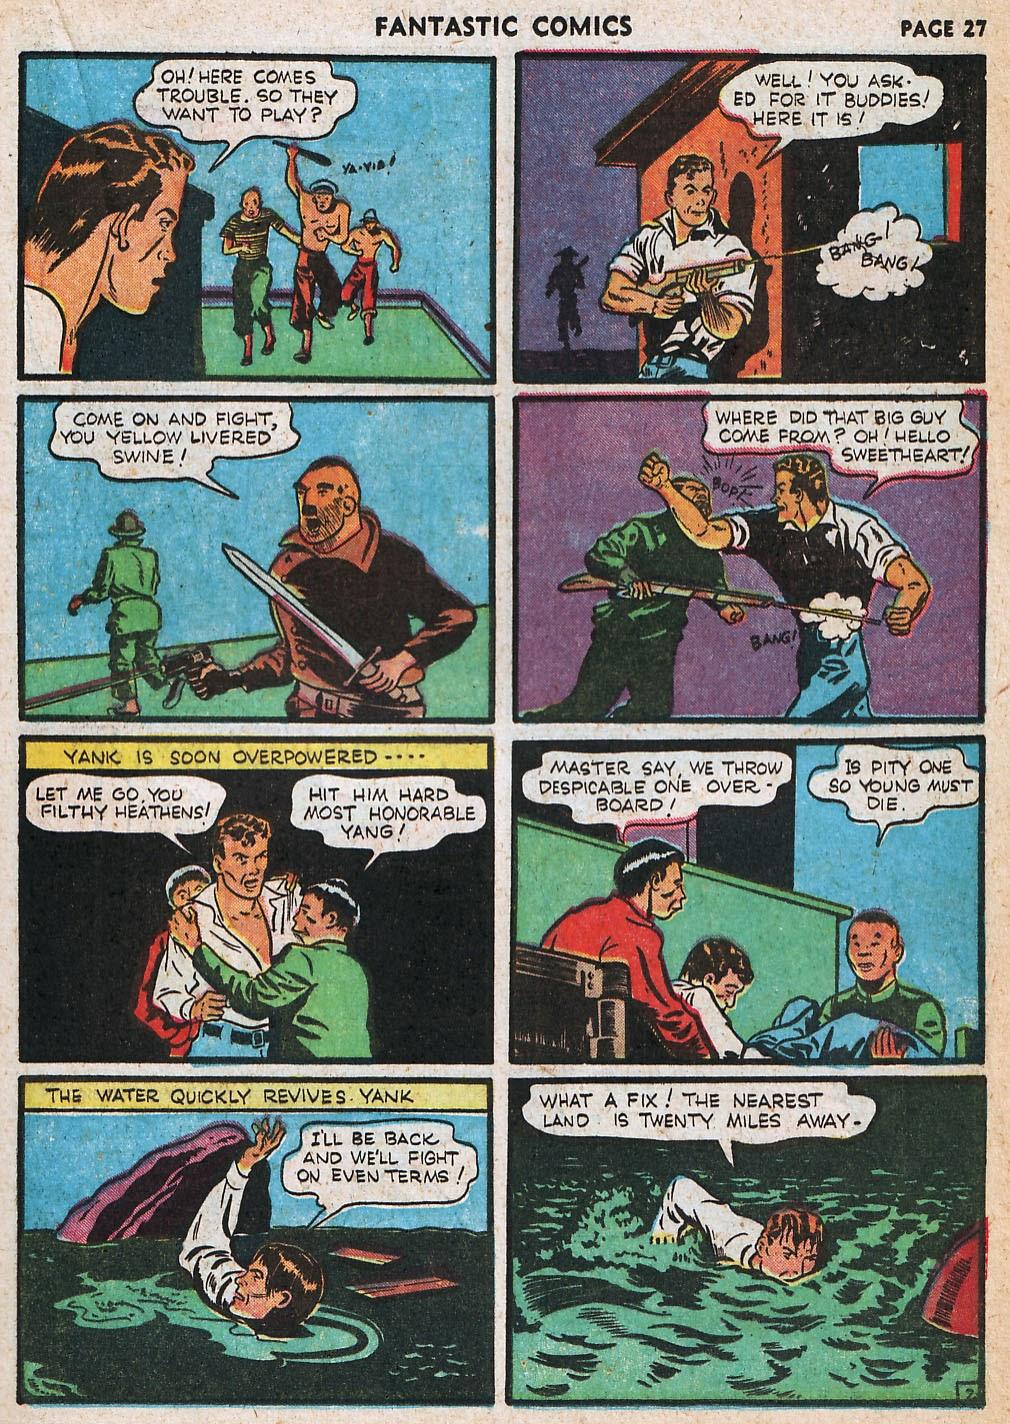 Read online Fantastic Comics comic -  Issue #20 - 28